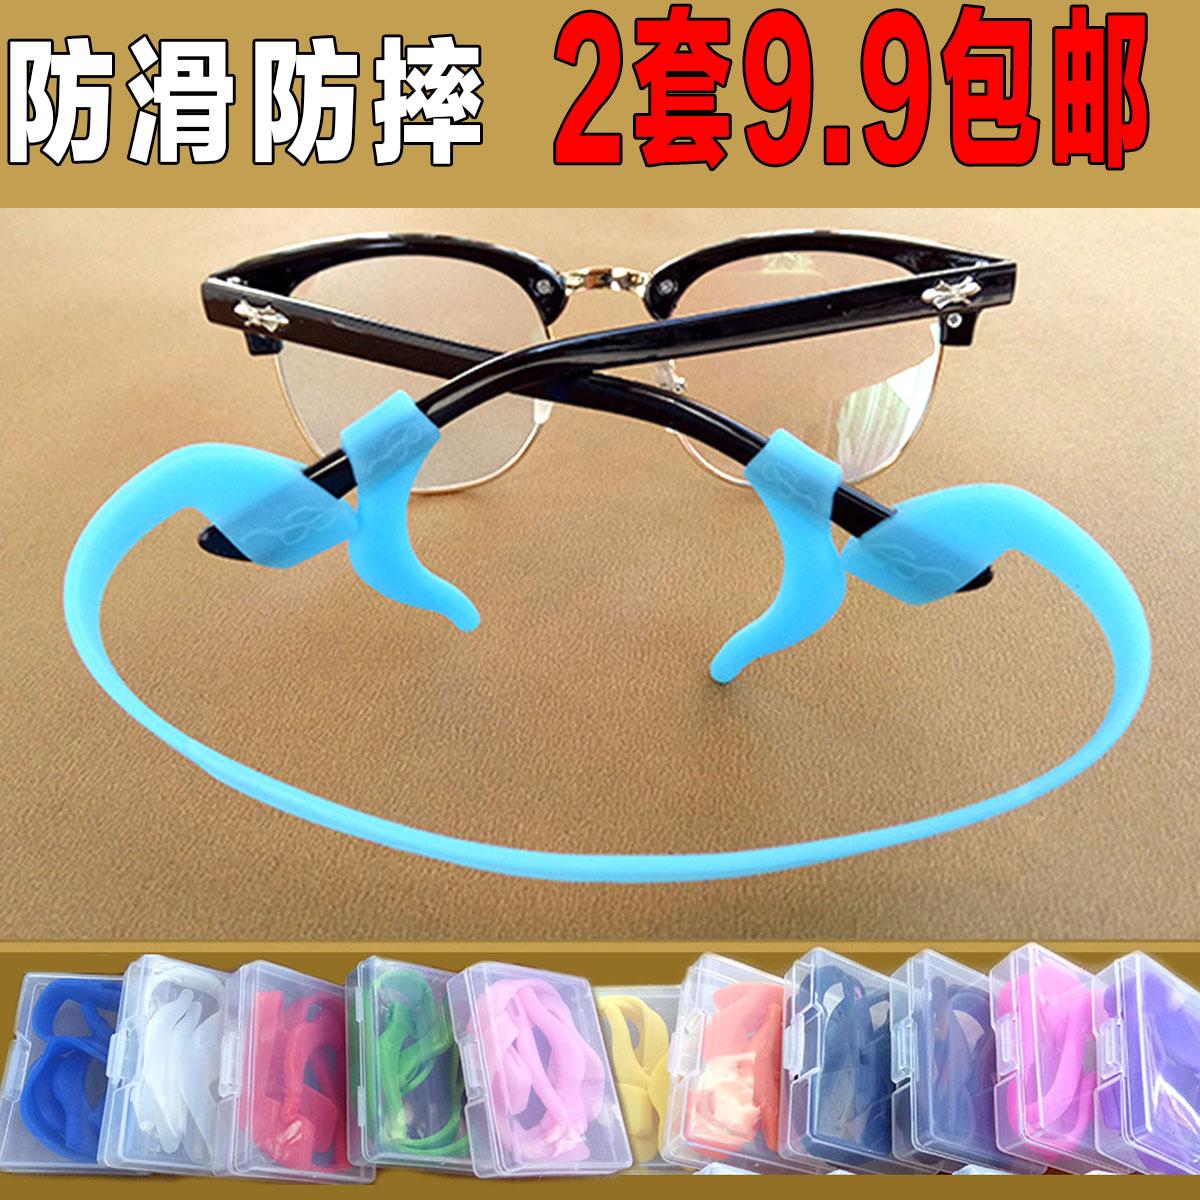 学生眼镜绳子运动眼镜带挂绳眼镜防滑套固定防滑绳耳勾绑带眼镜链